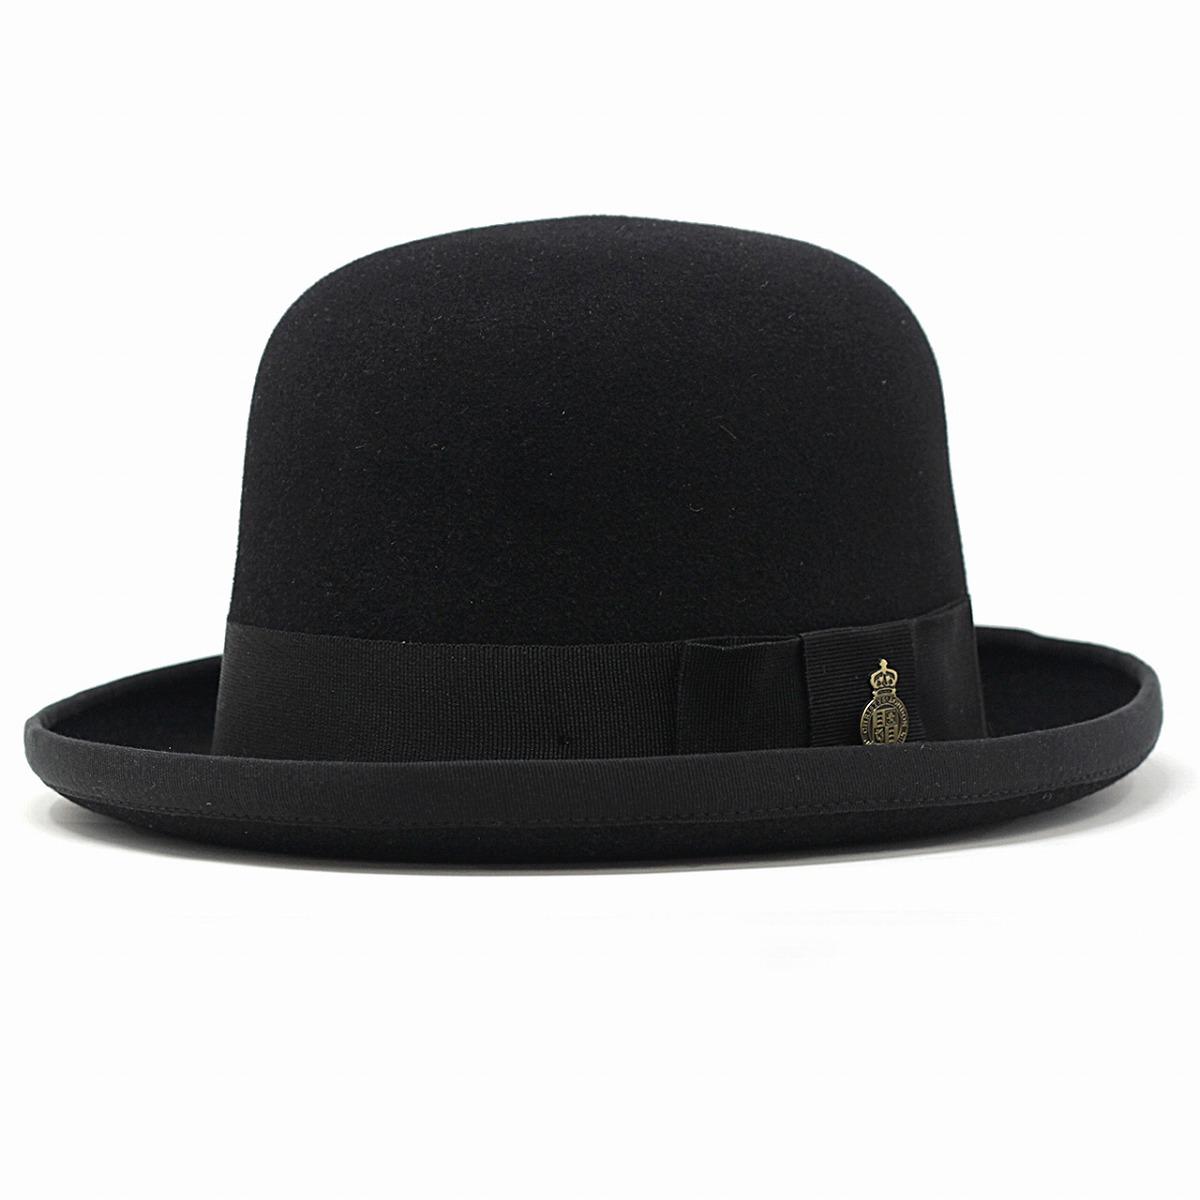 クリスティーズ フェルト ボーラーハット ホンブルグ ラビットファー ハット イギリス製 高級 帽子 秋 冬 CHRISTYS' LONDON 紳士 帽子 56.5cm 60cm 62cm / 黒 ブラック [ boater hat ] [ fedora hat ] 父の日 ギフト 誕生日 プレゼント 贈り物 ラッピング無料